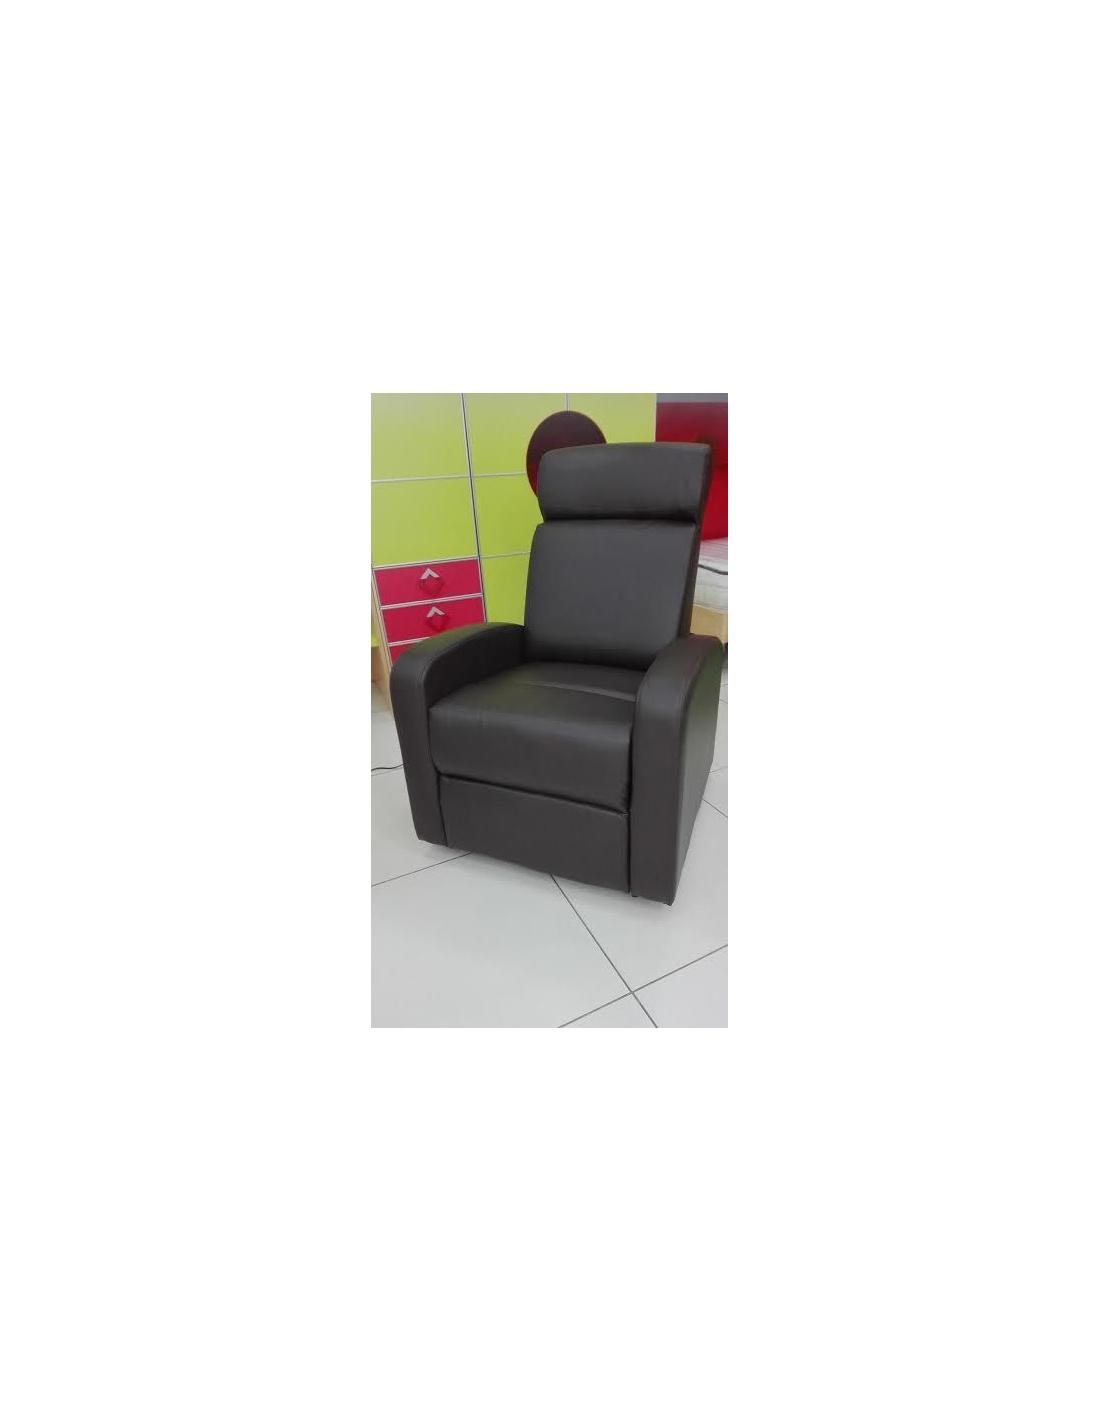 Schema Elettrico Poltrona Relax : Poltrona relax elettrica reclinabile alzapersona modello katia